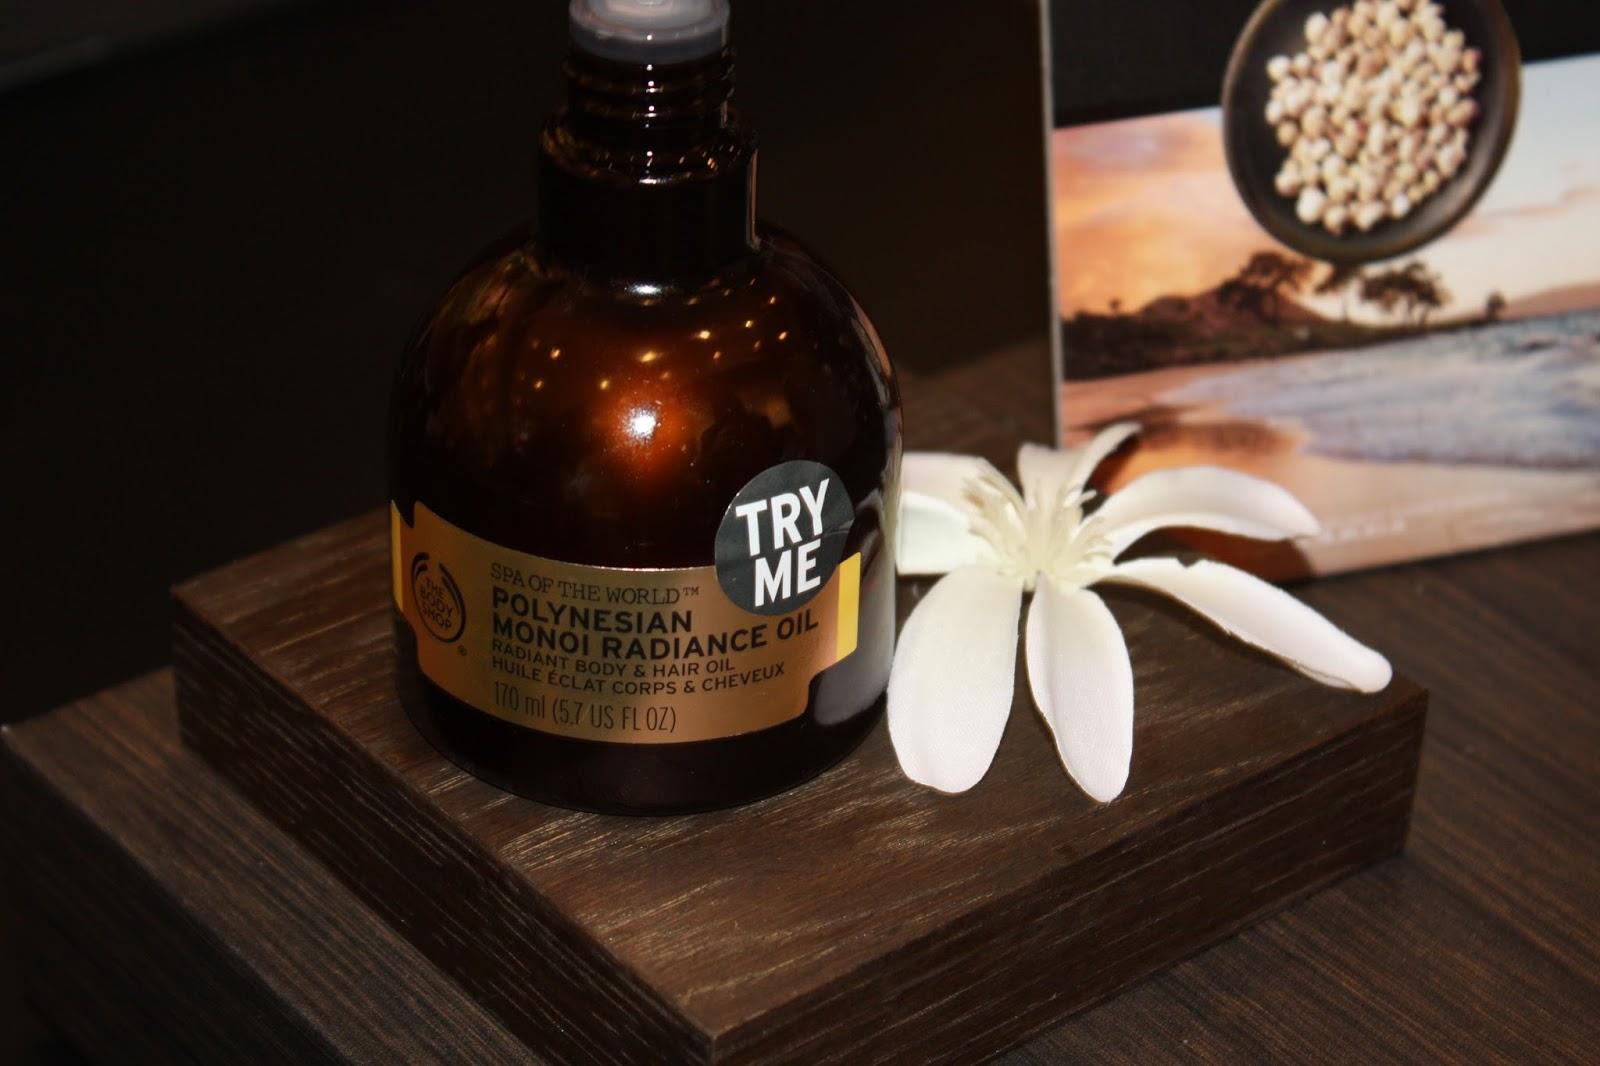 The Body Shop Southampton Spa Of The World Event Polynesian Monoi Radiance Oil